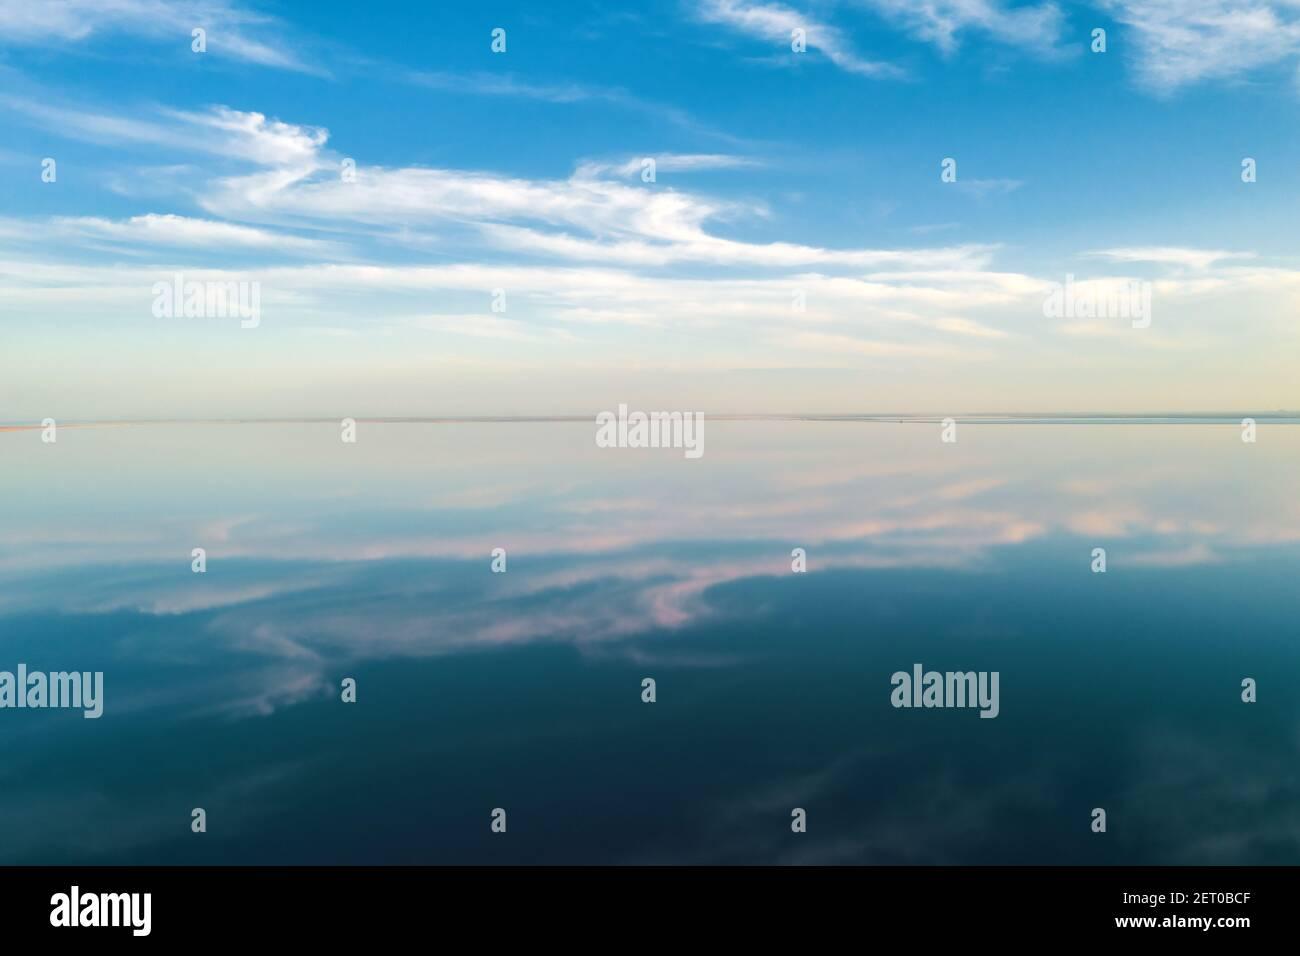 Eau de lac salée sous ciel bleu avec des nuages moelleux en été. Concept de couleur créative Banque D'Images